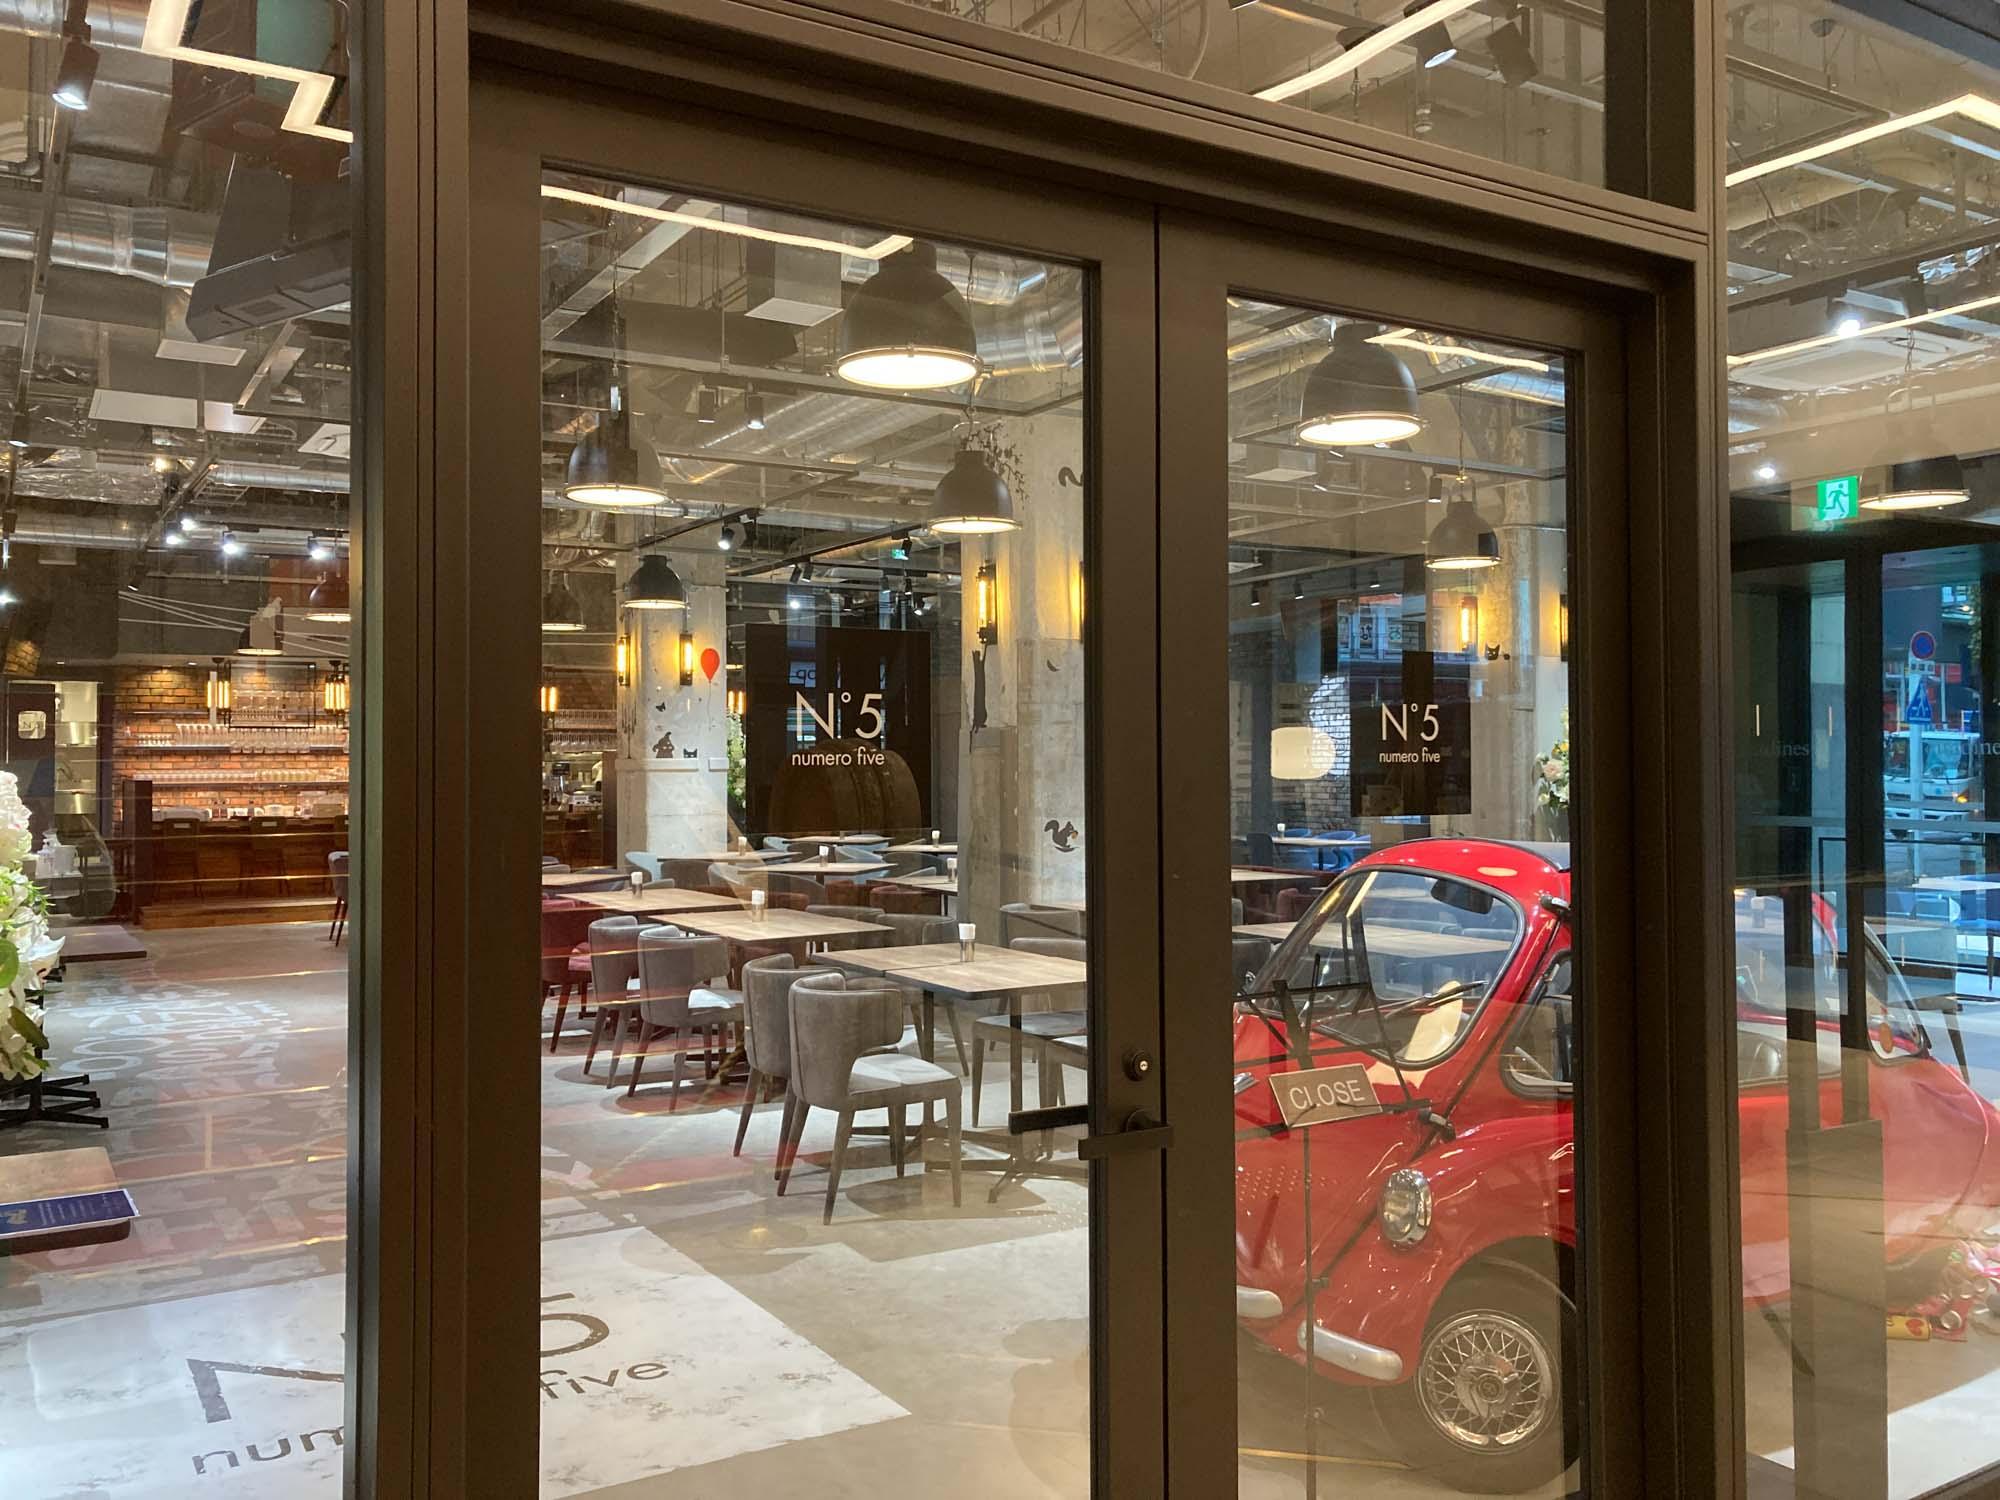 朝食がいただけるイタリアンレストラン「numero five」